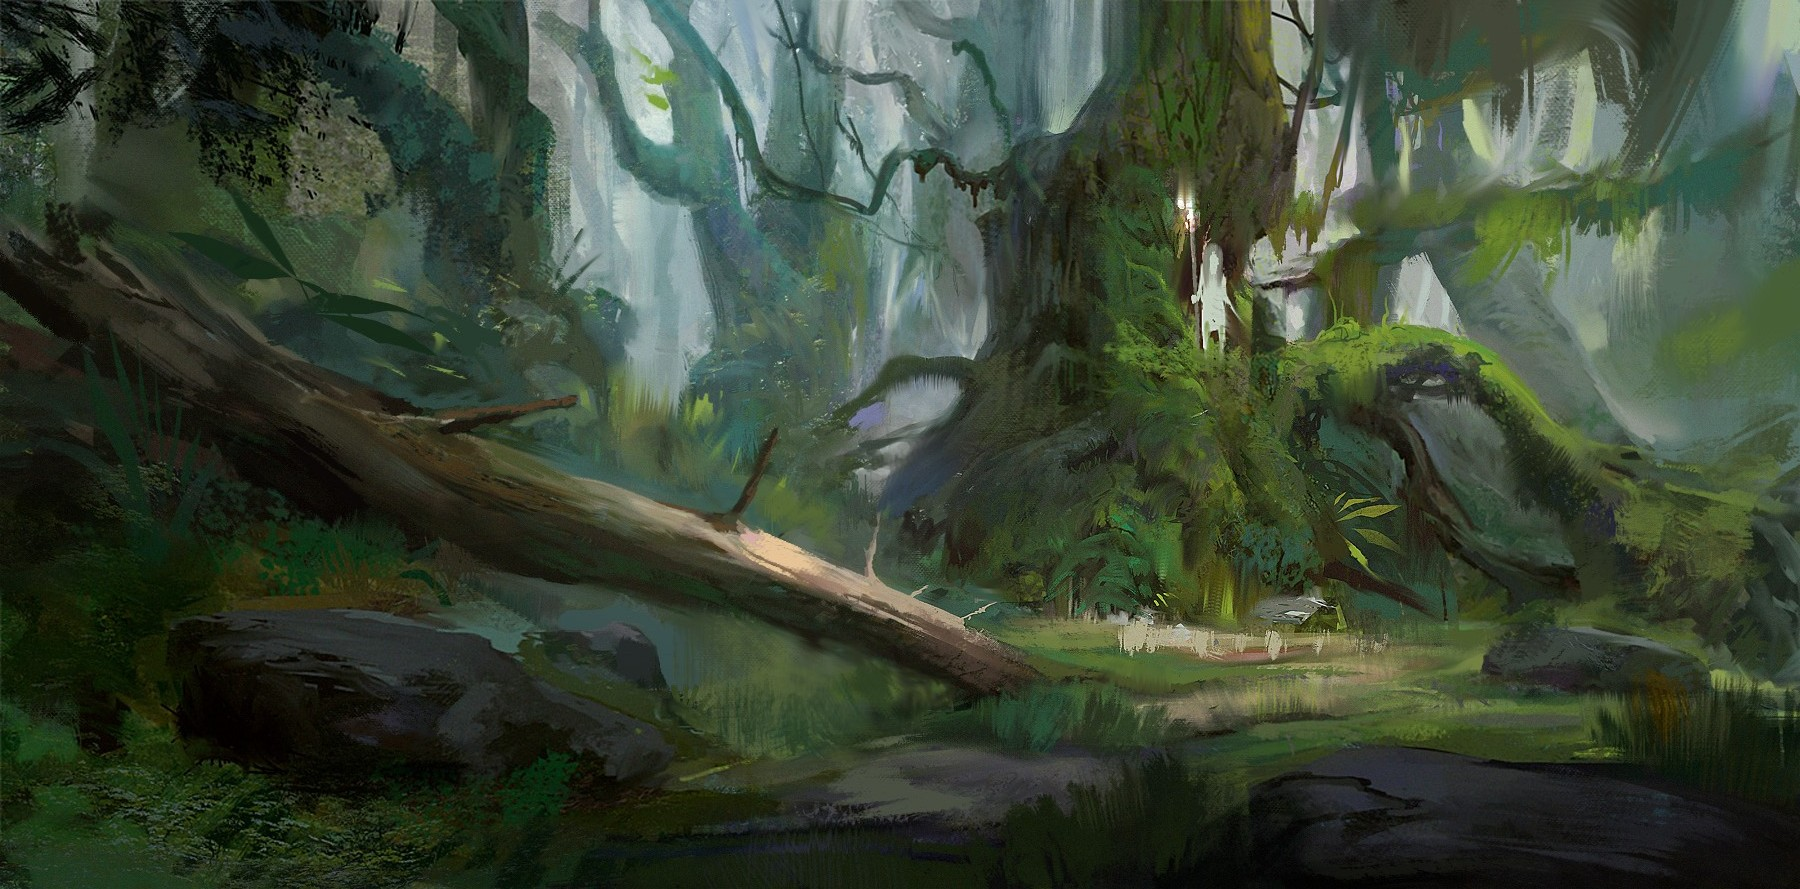 Skogen by eWKn